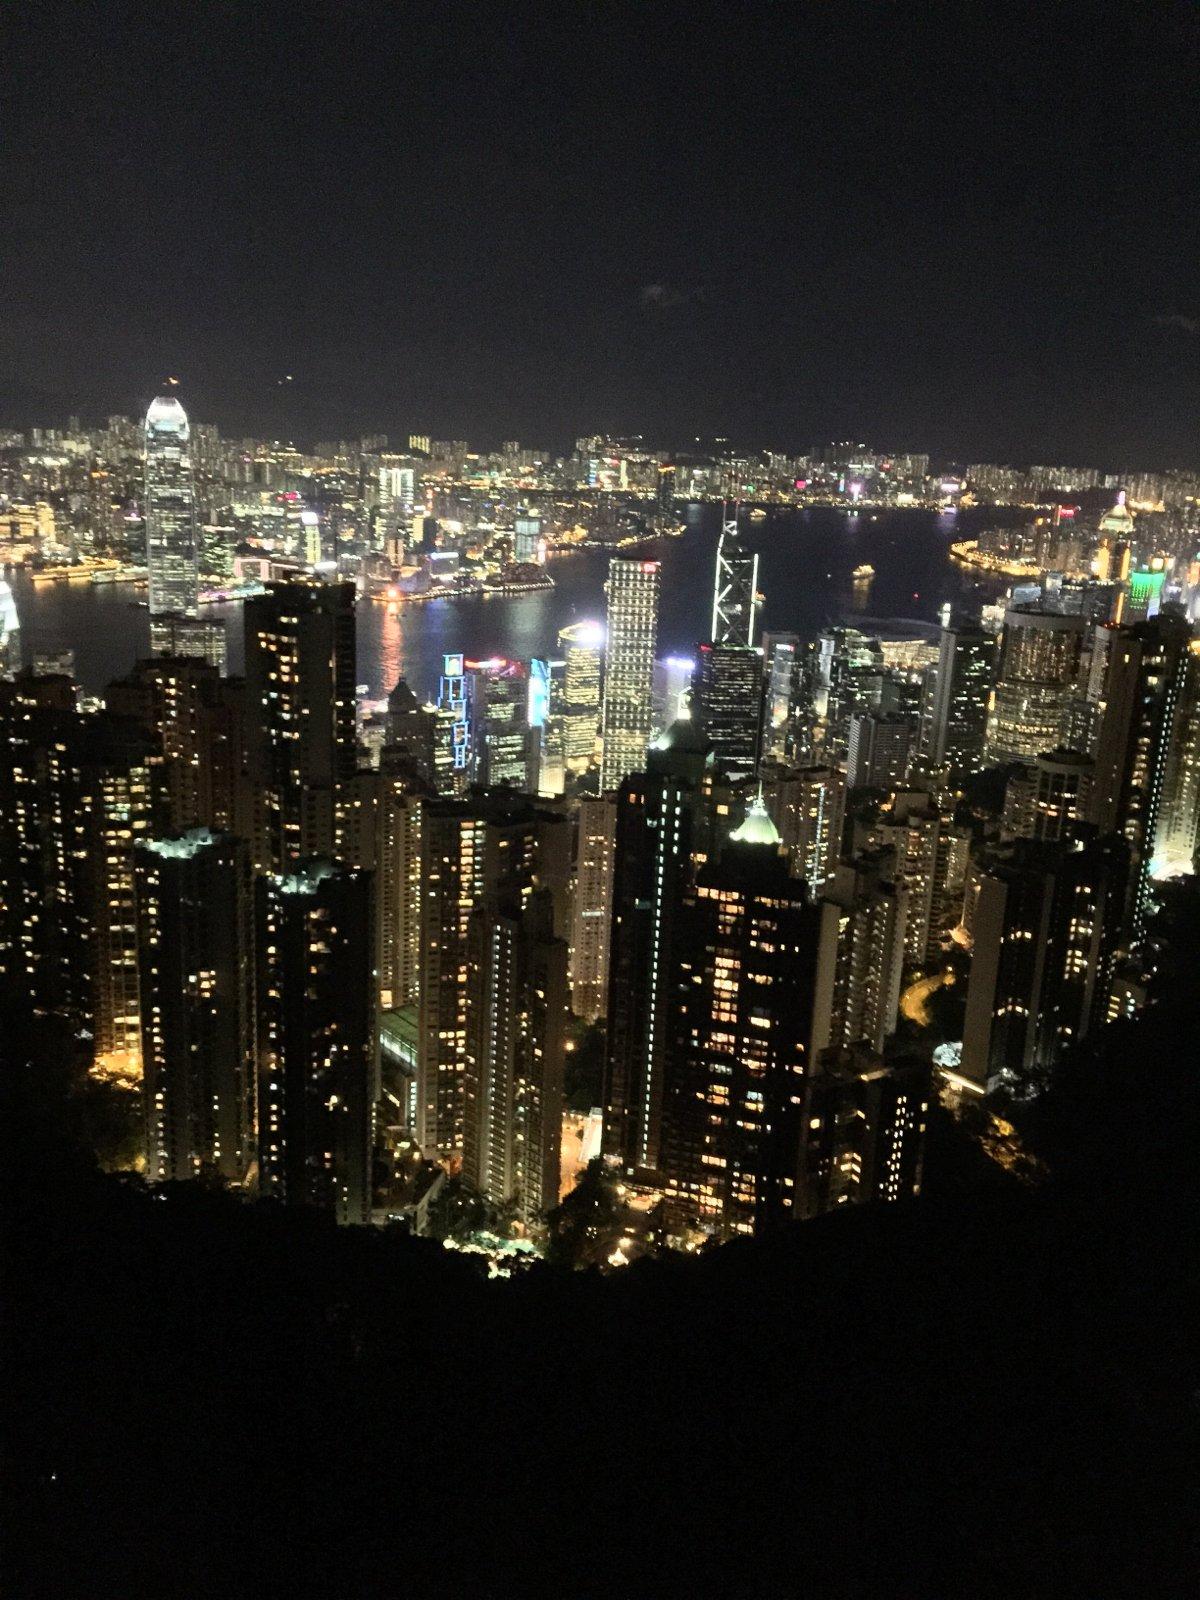 熊哥兔妹带你逛香港